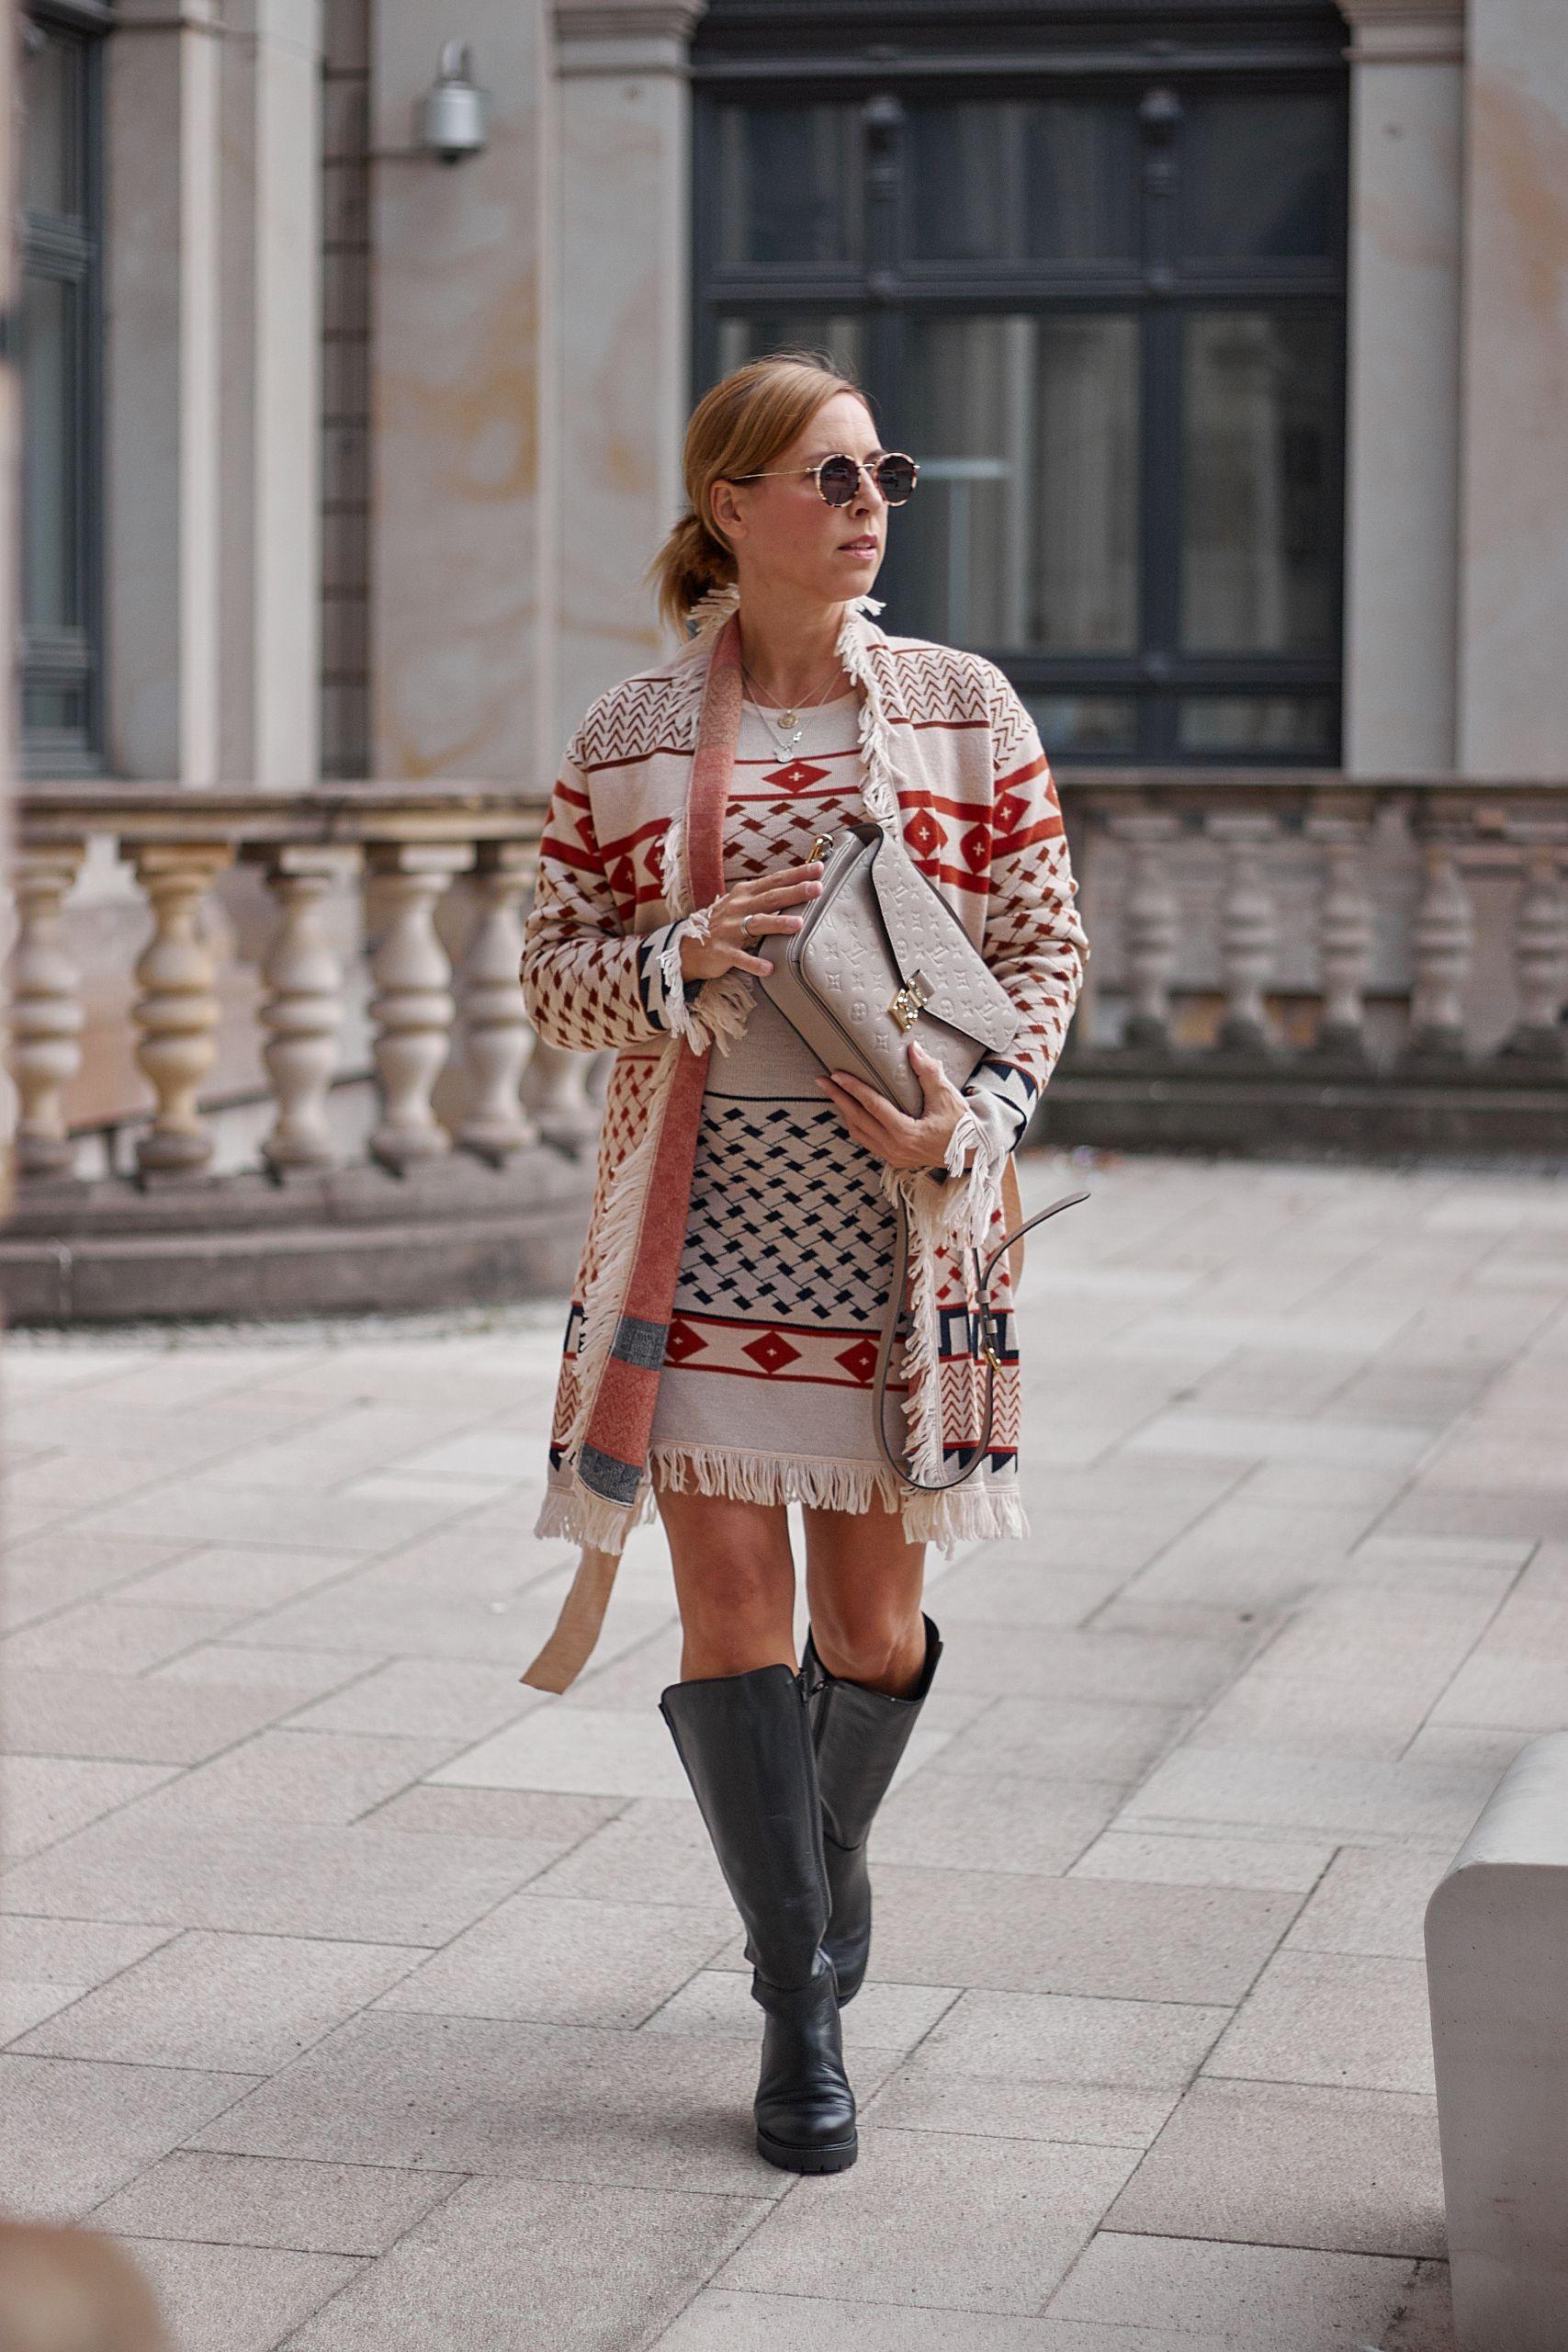 Lashoe Stiefel zu Cecilie Copenhagen Kleid an der Handelskammer